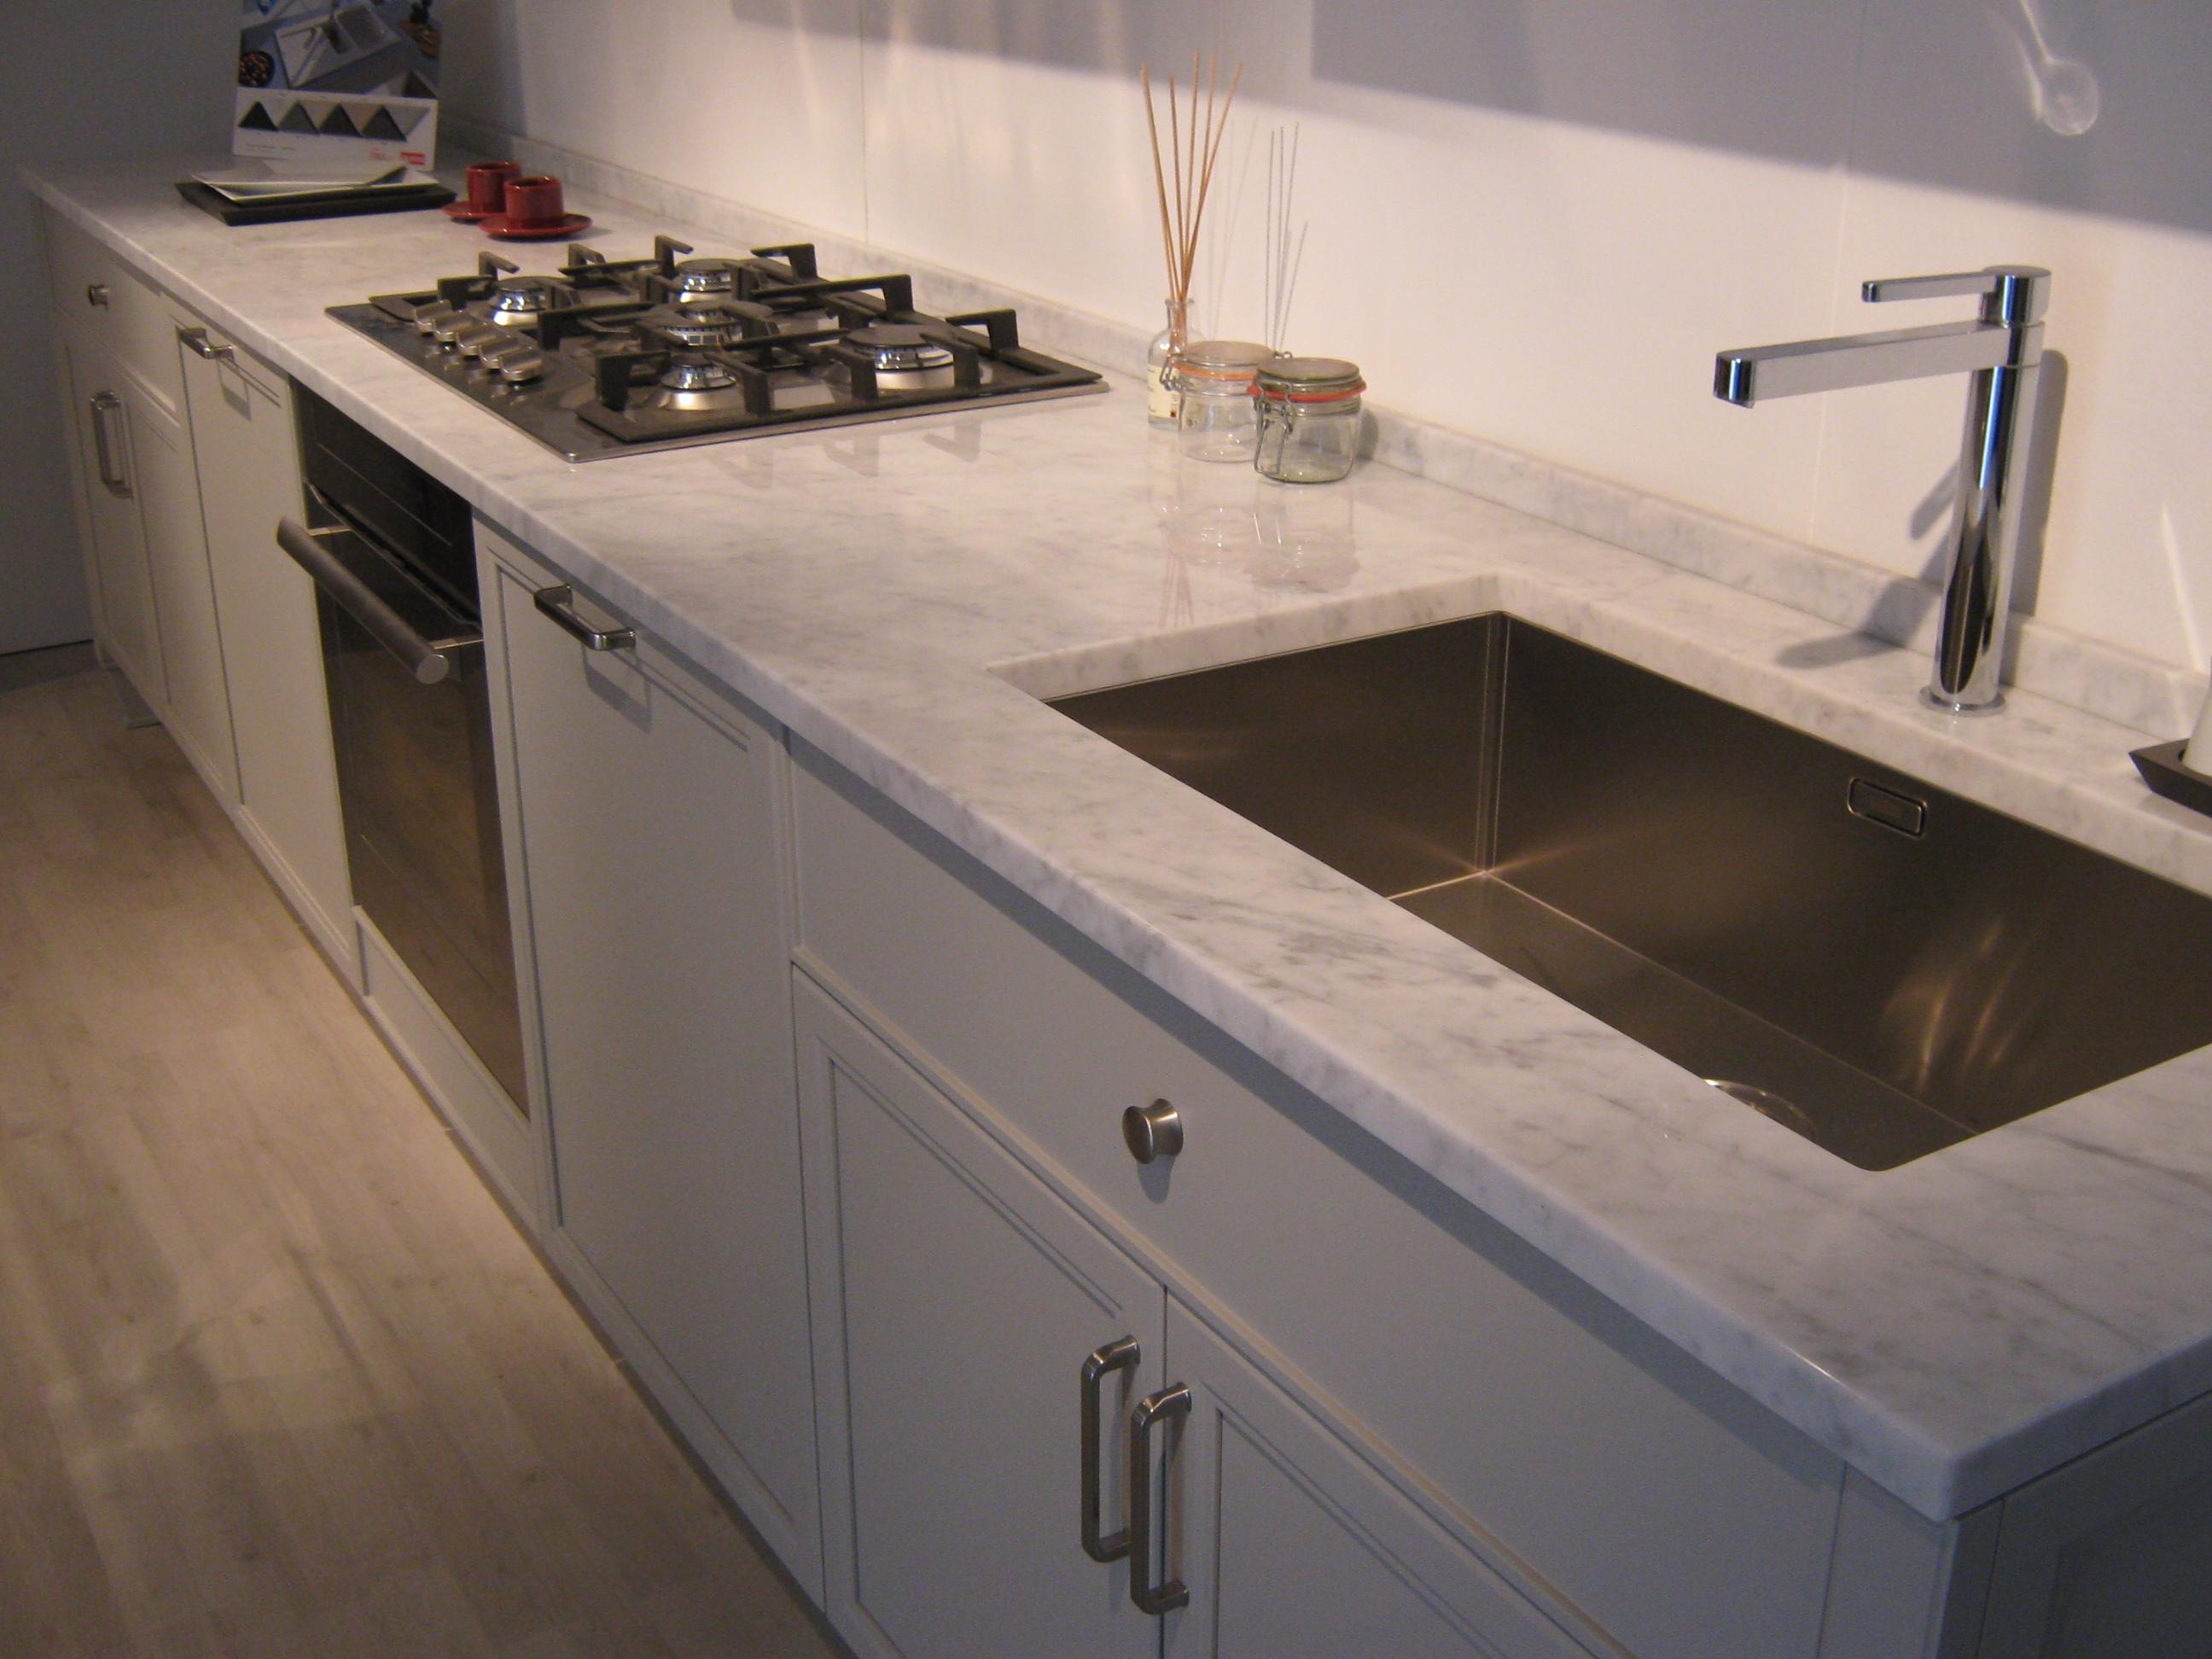 Cucina aster cucine avenue classica laccato opaco neutra - Lavello cucina sottotop ...